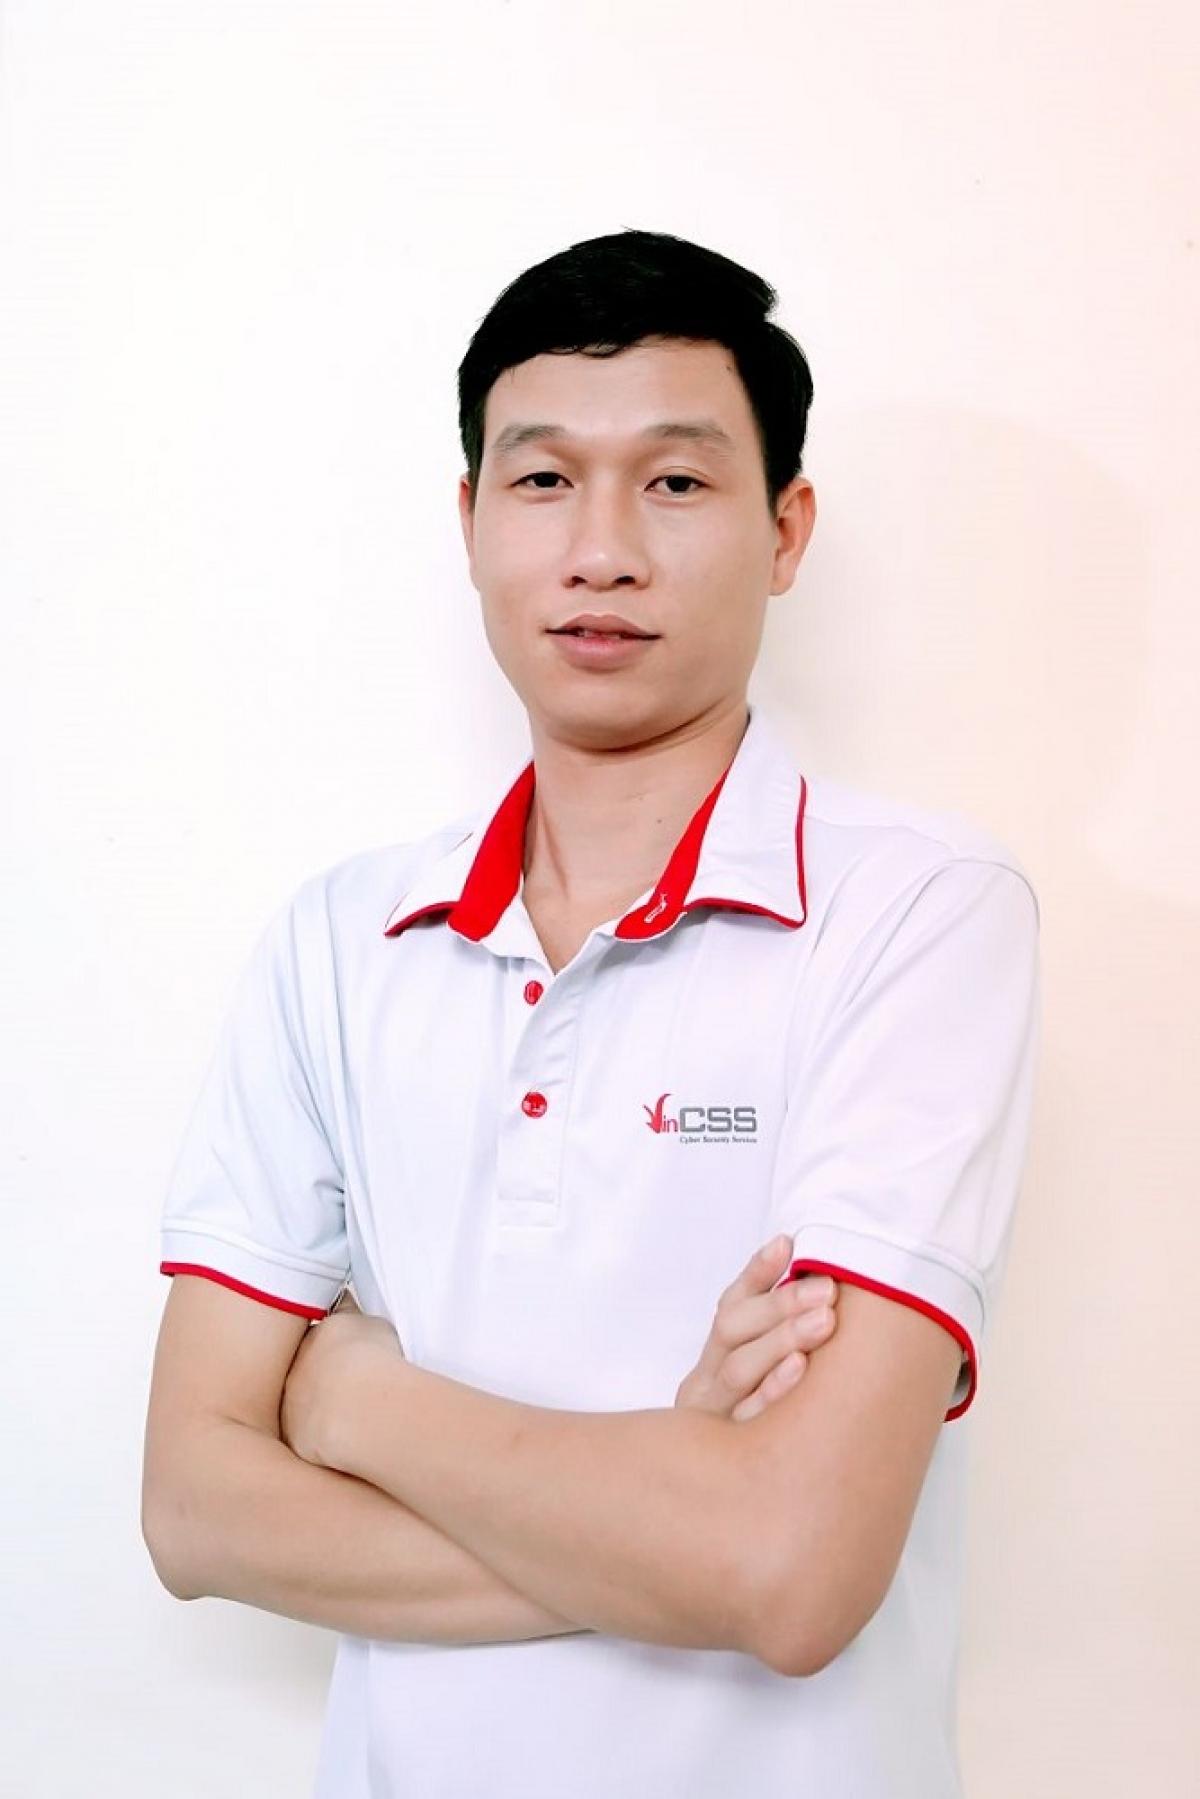 Chuyên gia Trần Văn Khang, Trưởng nhóm Phân tích mã độc, Công ty TNHH Dịch vụ An ninh mạng VinCSS (thuộc Tập đoàn Vingroup)